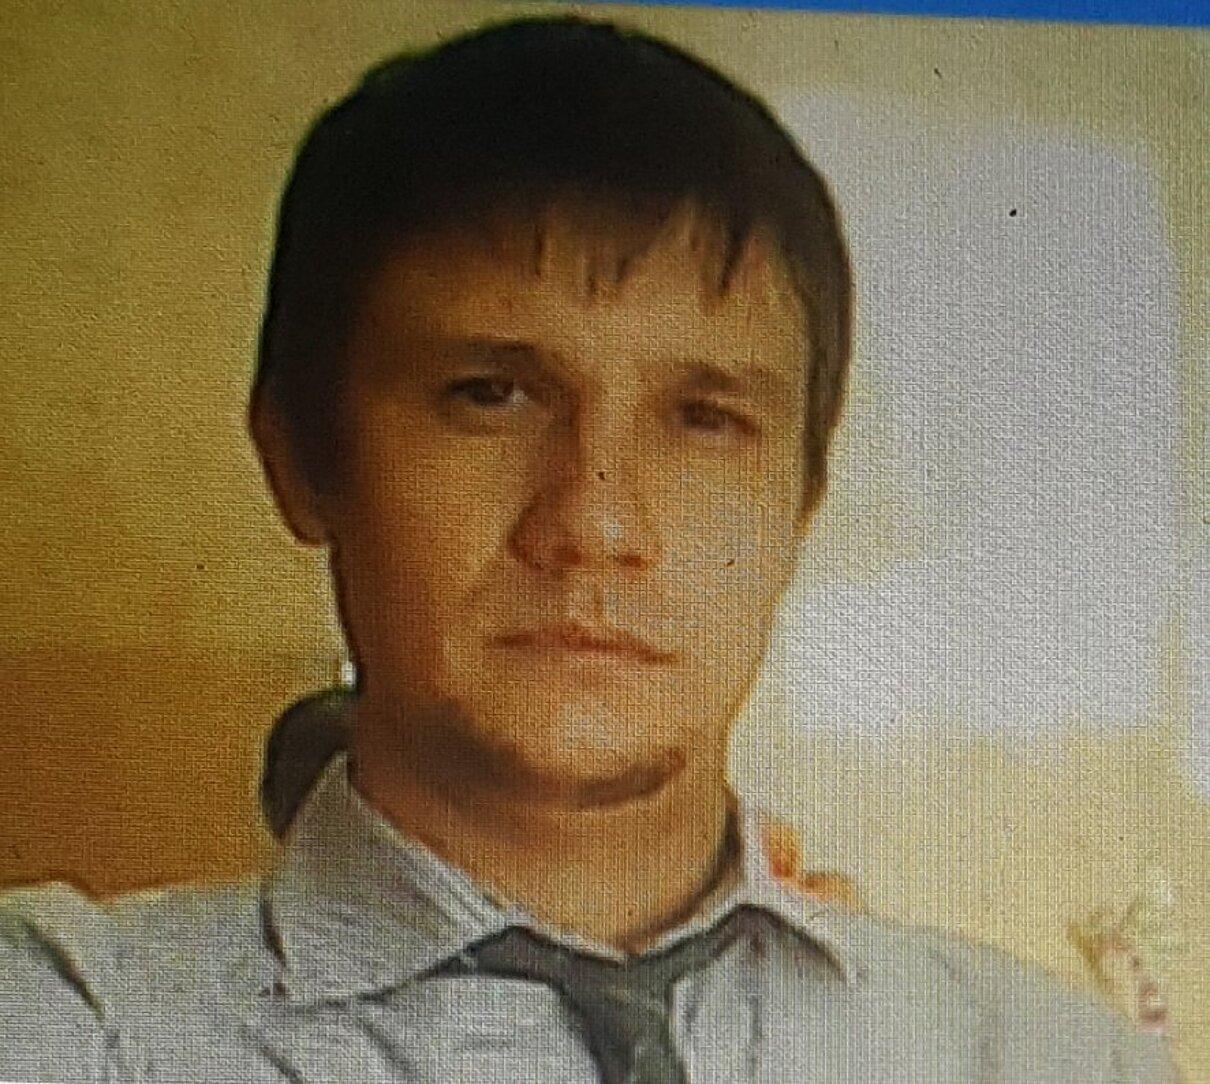 Жалоба-отзыв: Рябченко Денис Александрович - Аферист. Альфонс. Алименщик.  Фото №1